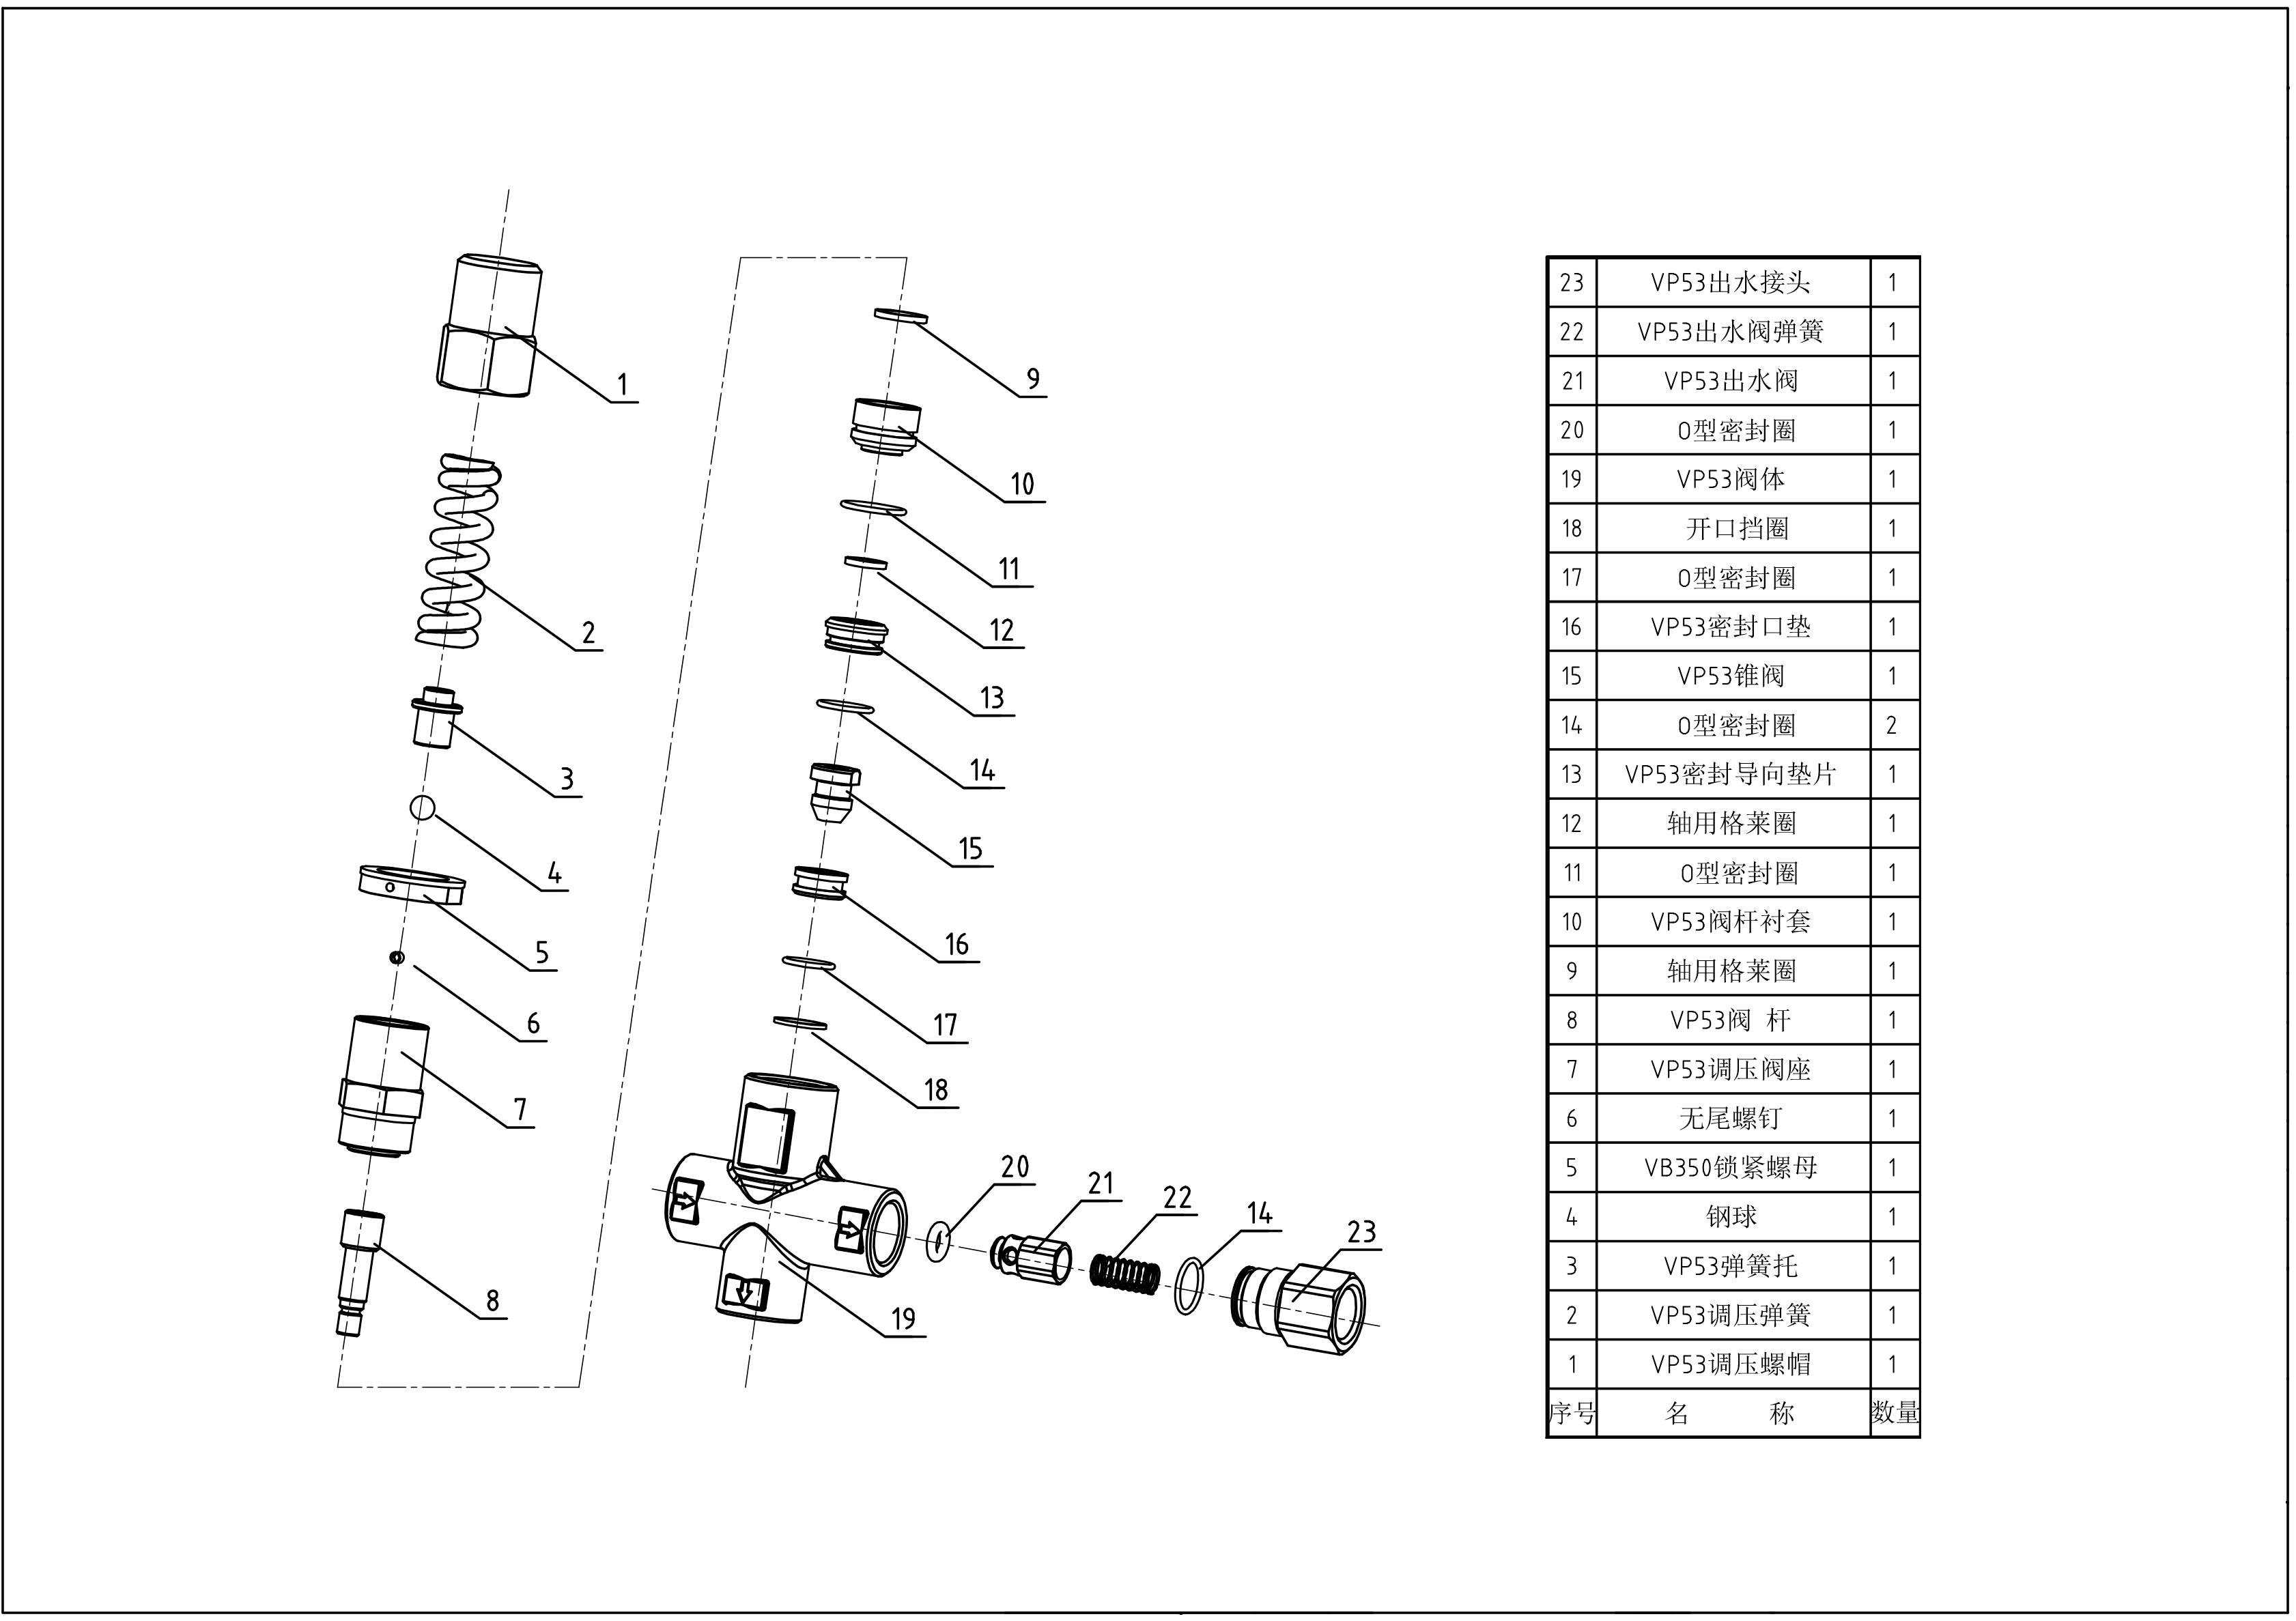 VP53分解圖及明細表